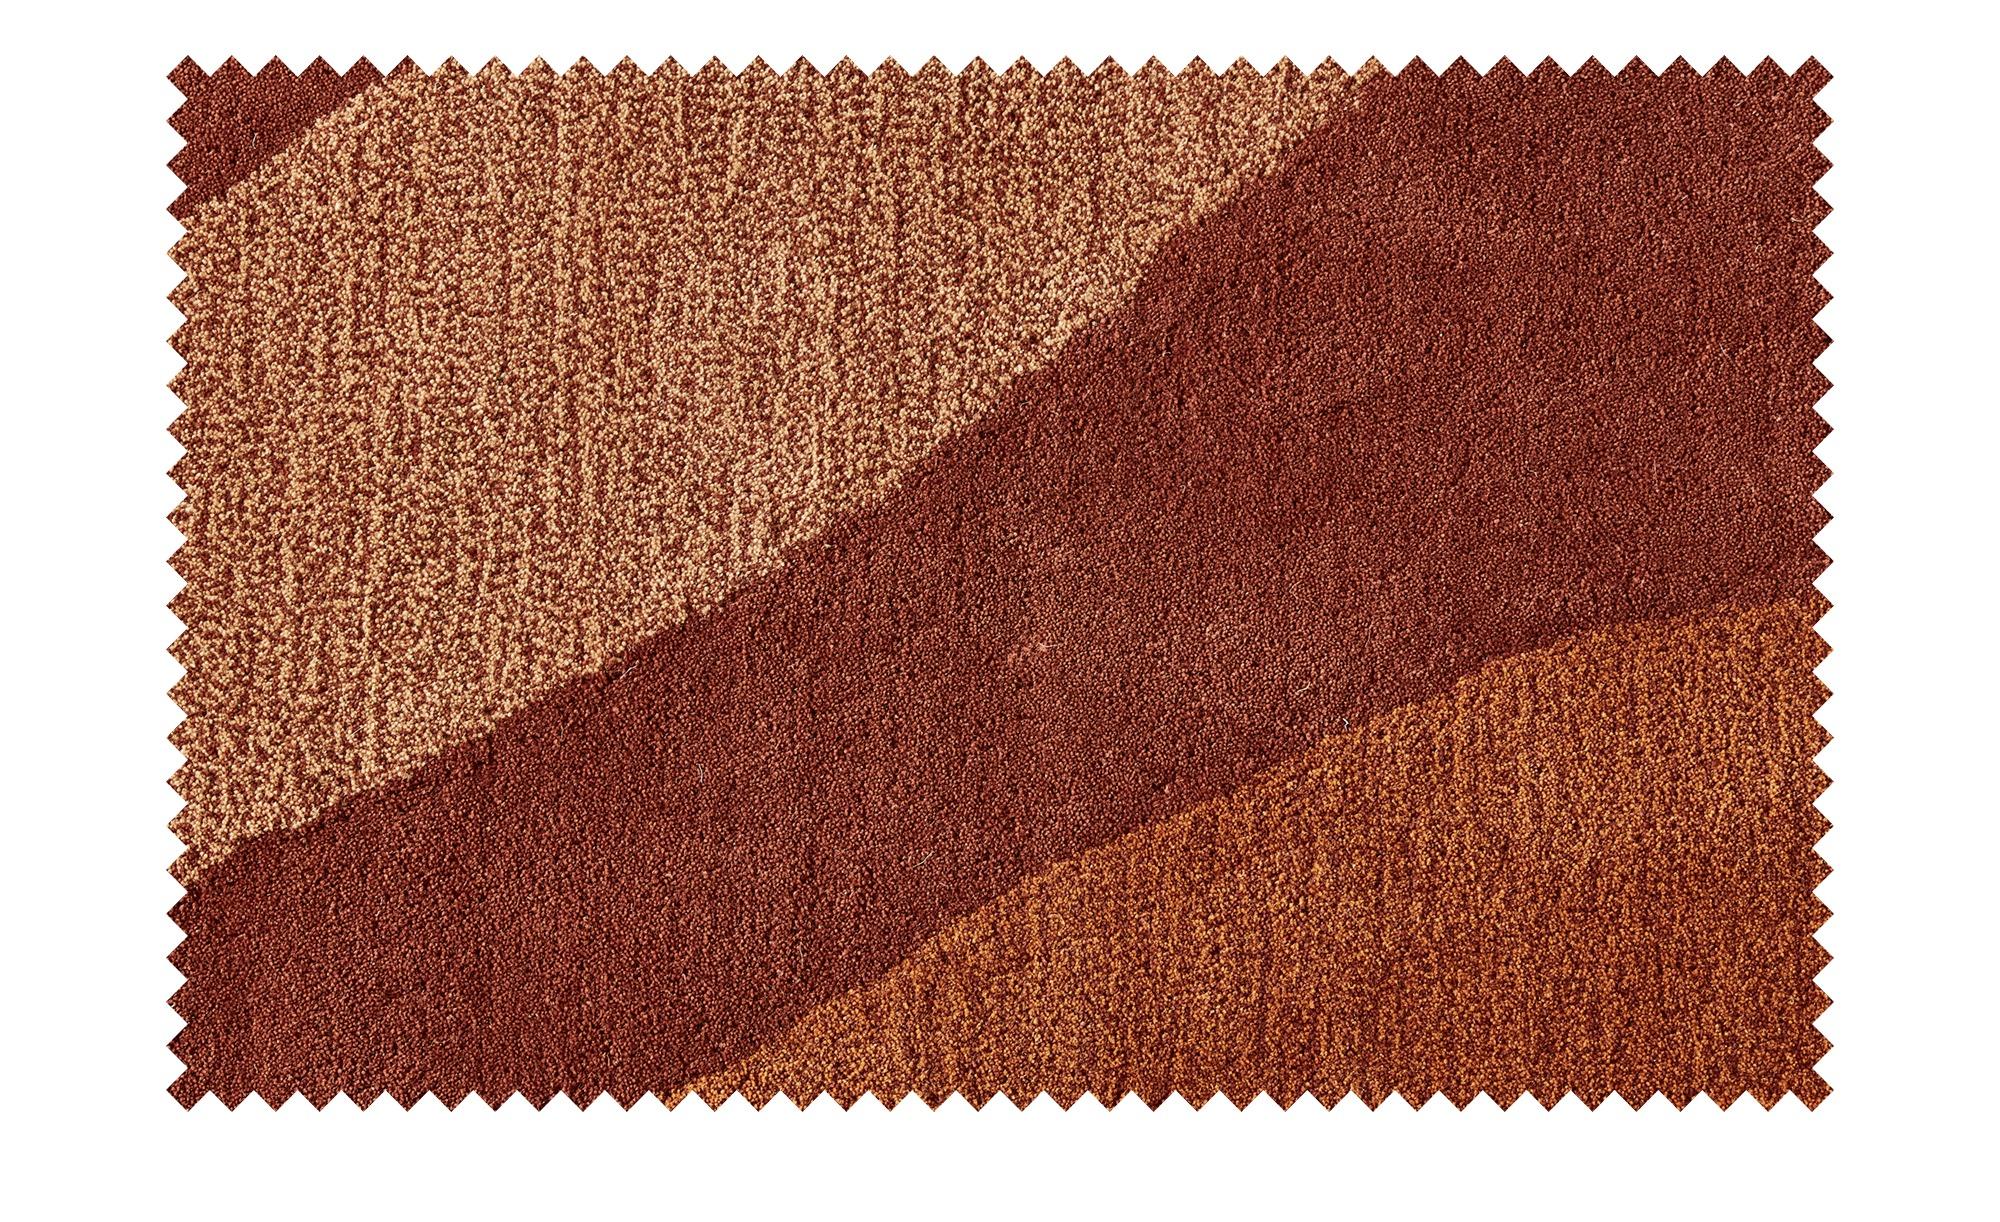 Gray & Jones Handtuft-Teppich ¦ braun ¦ Maße (cm): B: 200 Teppiche > Wohnteppiche - Höffner